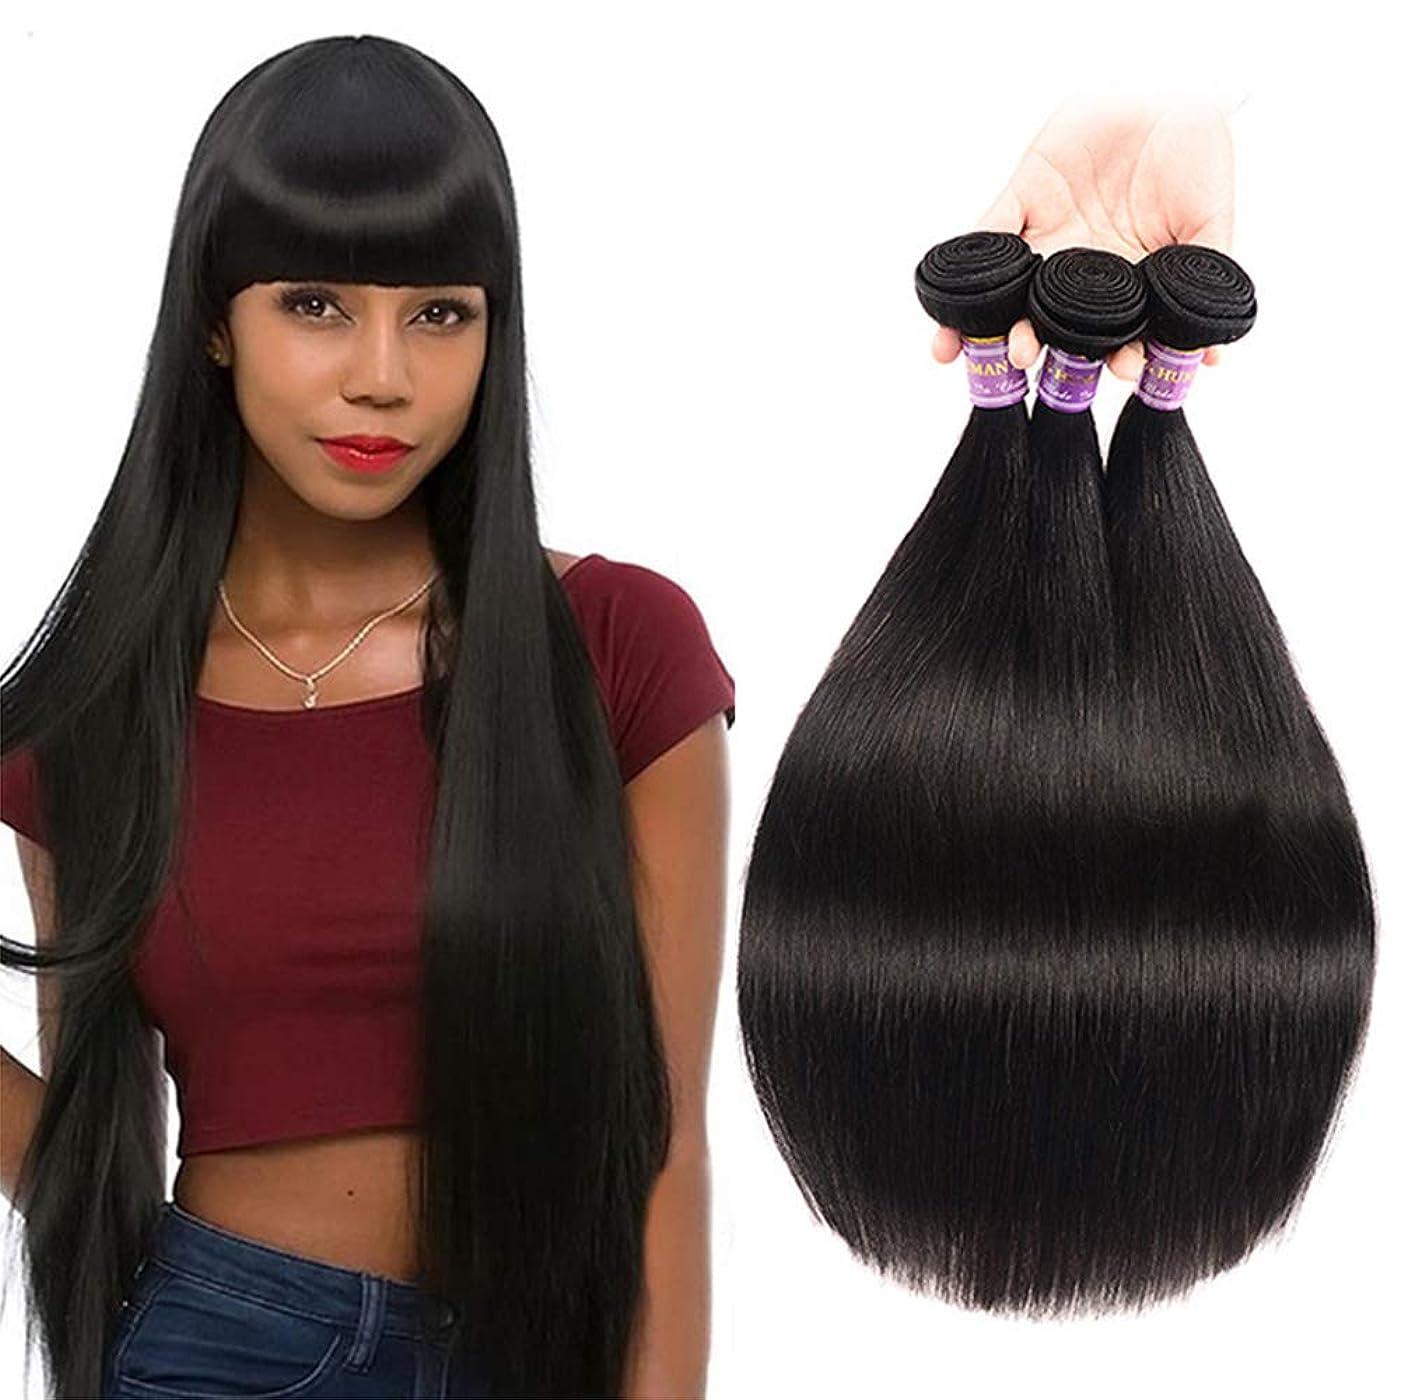 比較的是正する葡萄女性の髪を編む150%密度ストレート人間の髪の毛バージンバンドル8 aストレート織り髪人間のバンドル100%未処理の絹のようなストレート人間の髪の毛